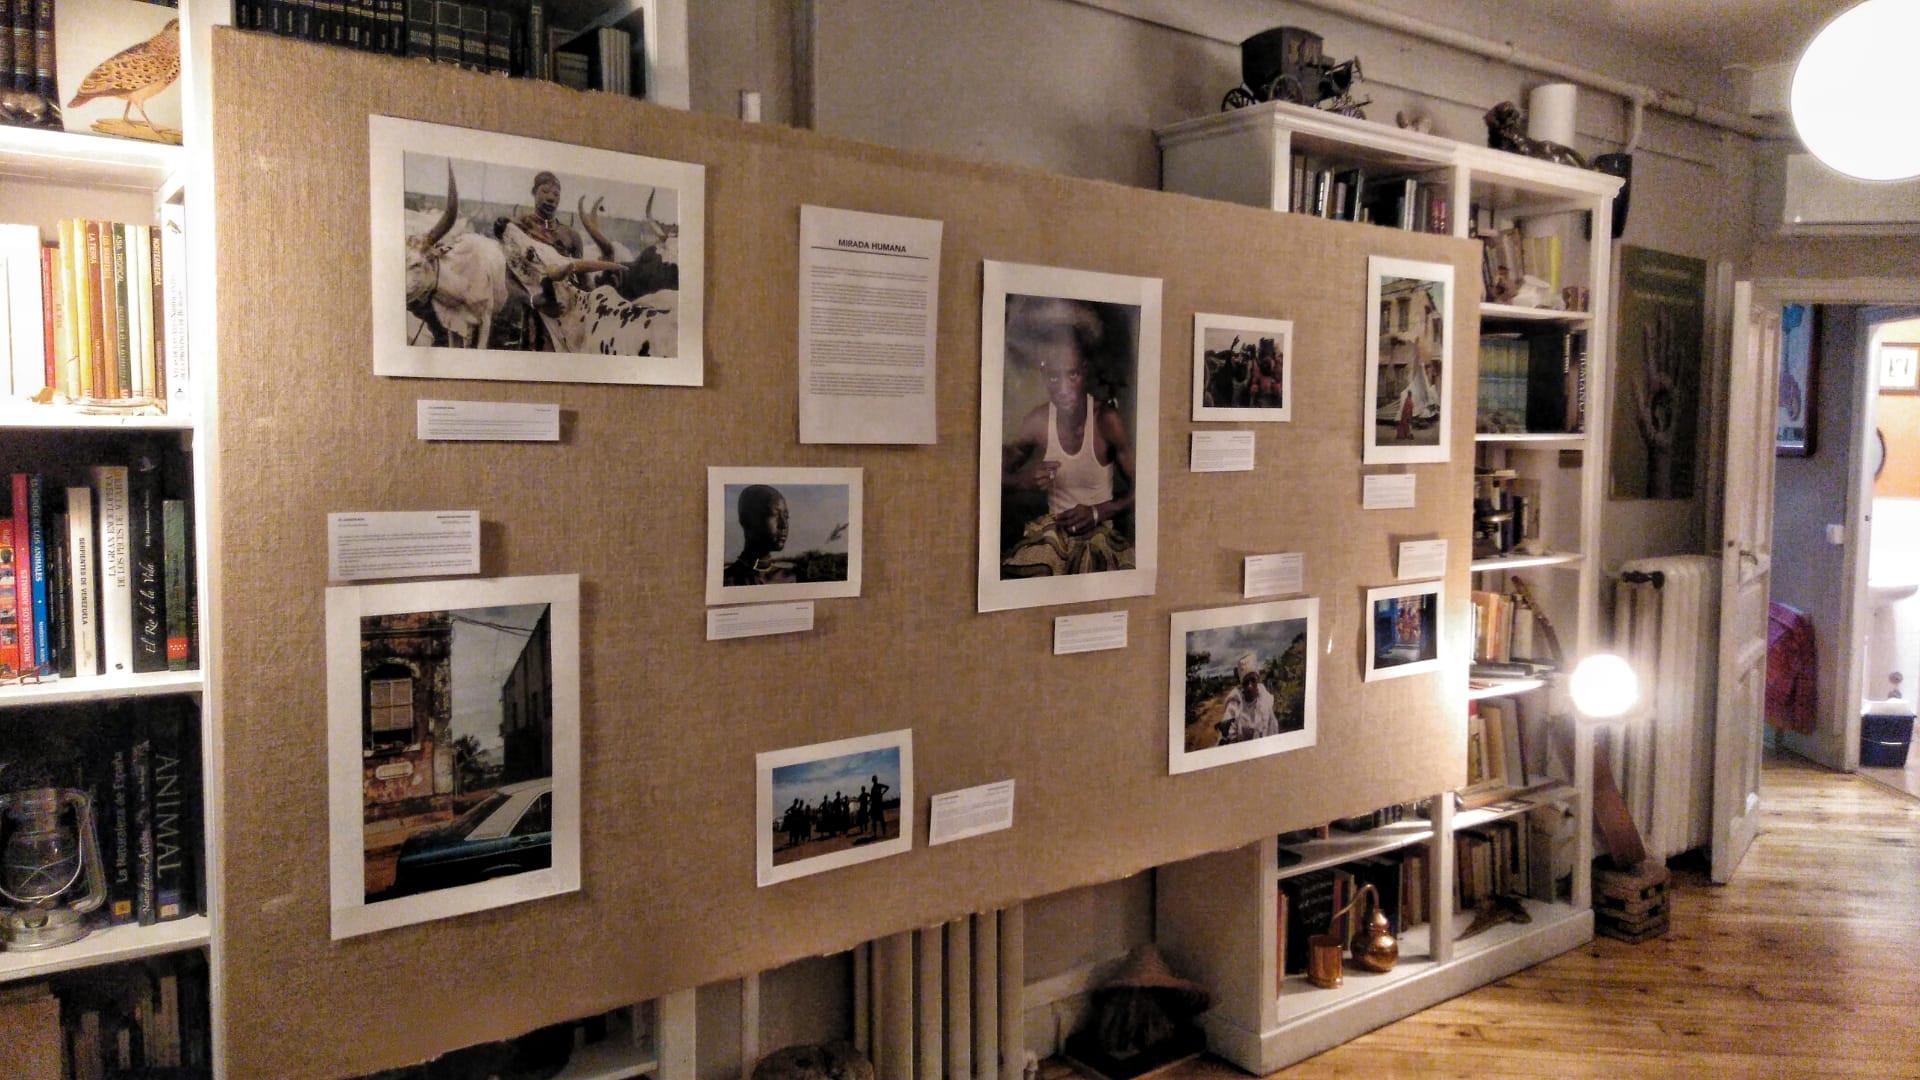 Soporte de Mirada Humana durante la exposición en el Gabinete de Historia Natural de Madrid